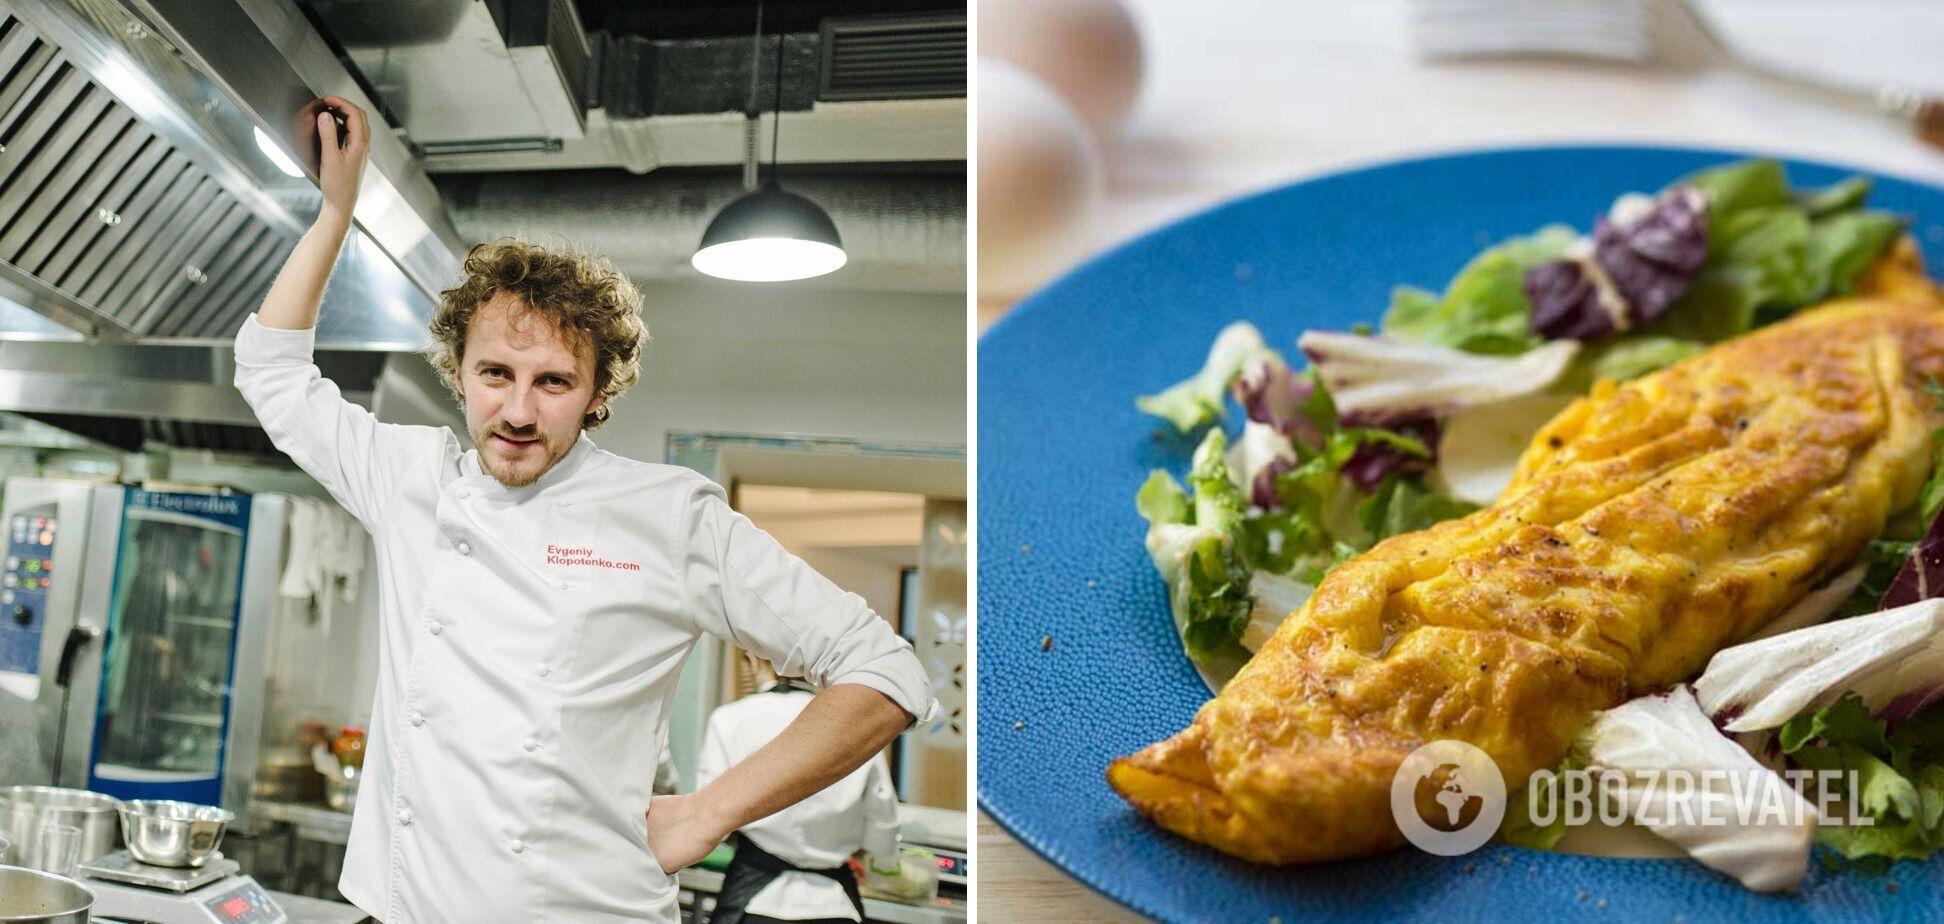 Євген Клопотенко поділився рецептом справжнього французького омлету